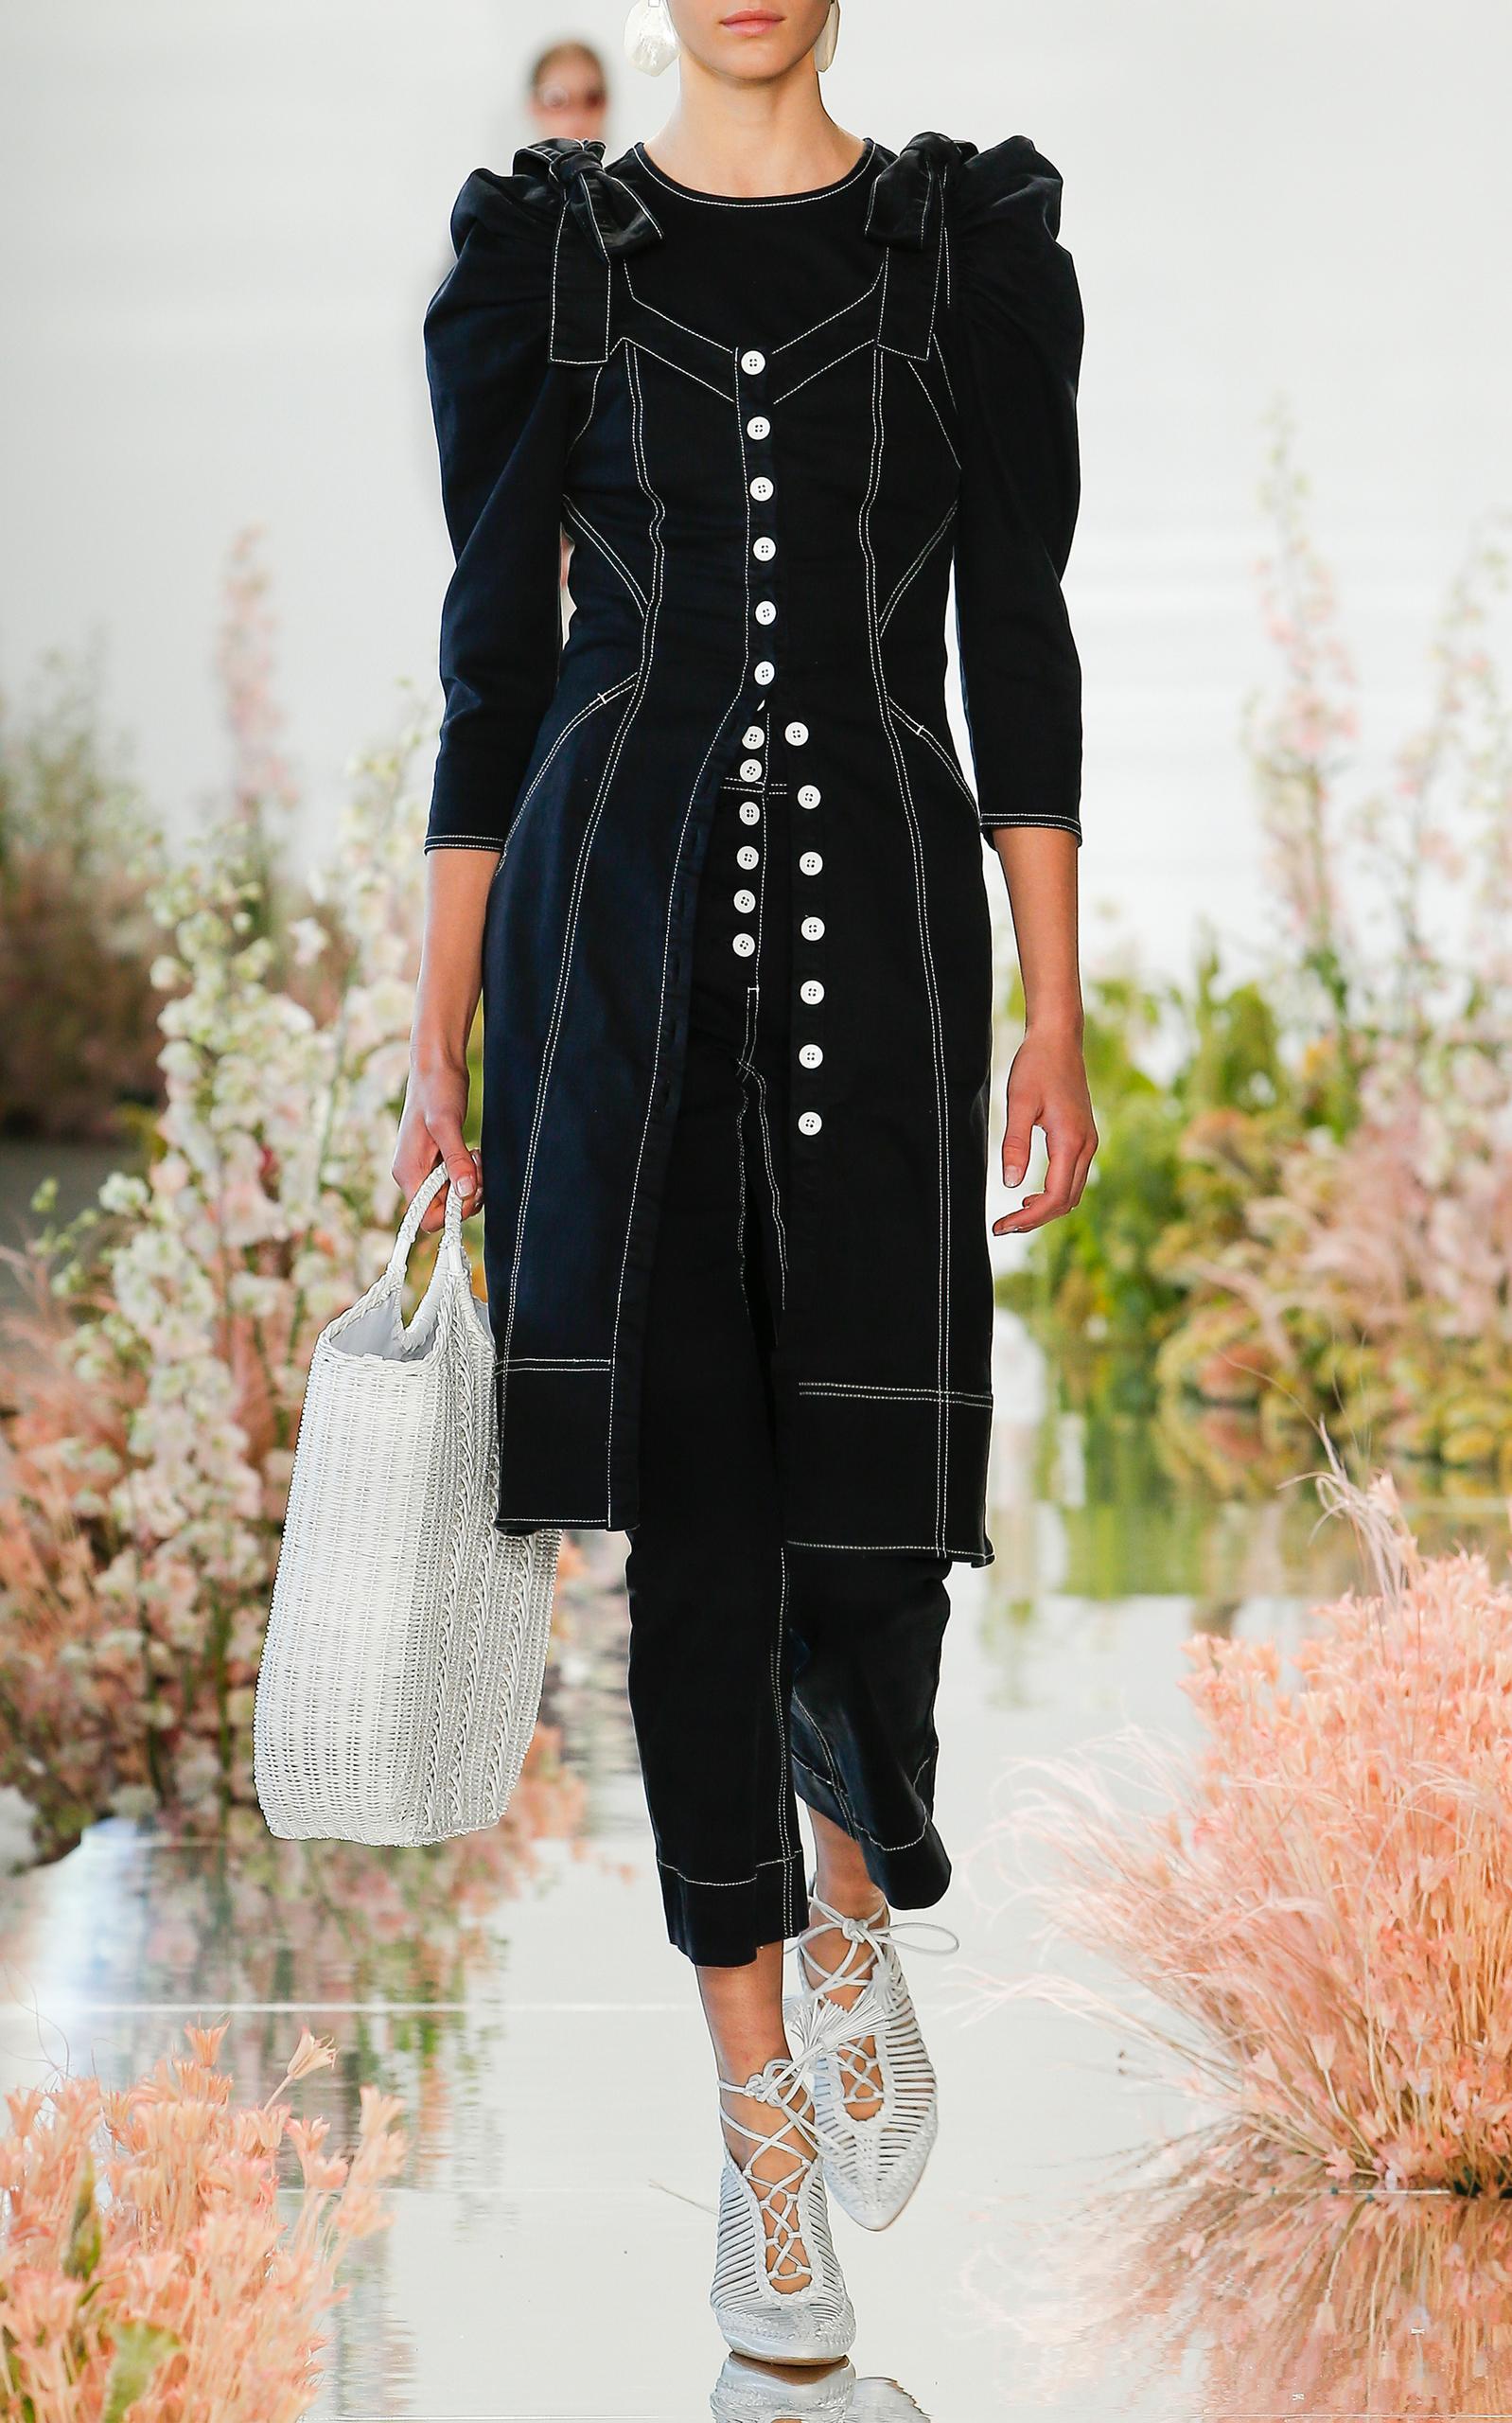 e7172223a59 Ulla JohnsonEmory Tailored Shoulder Tie Denim Dress. CLOSE. Loading.  Loading. Loading. Loading